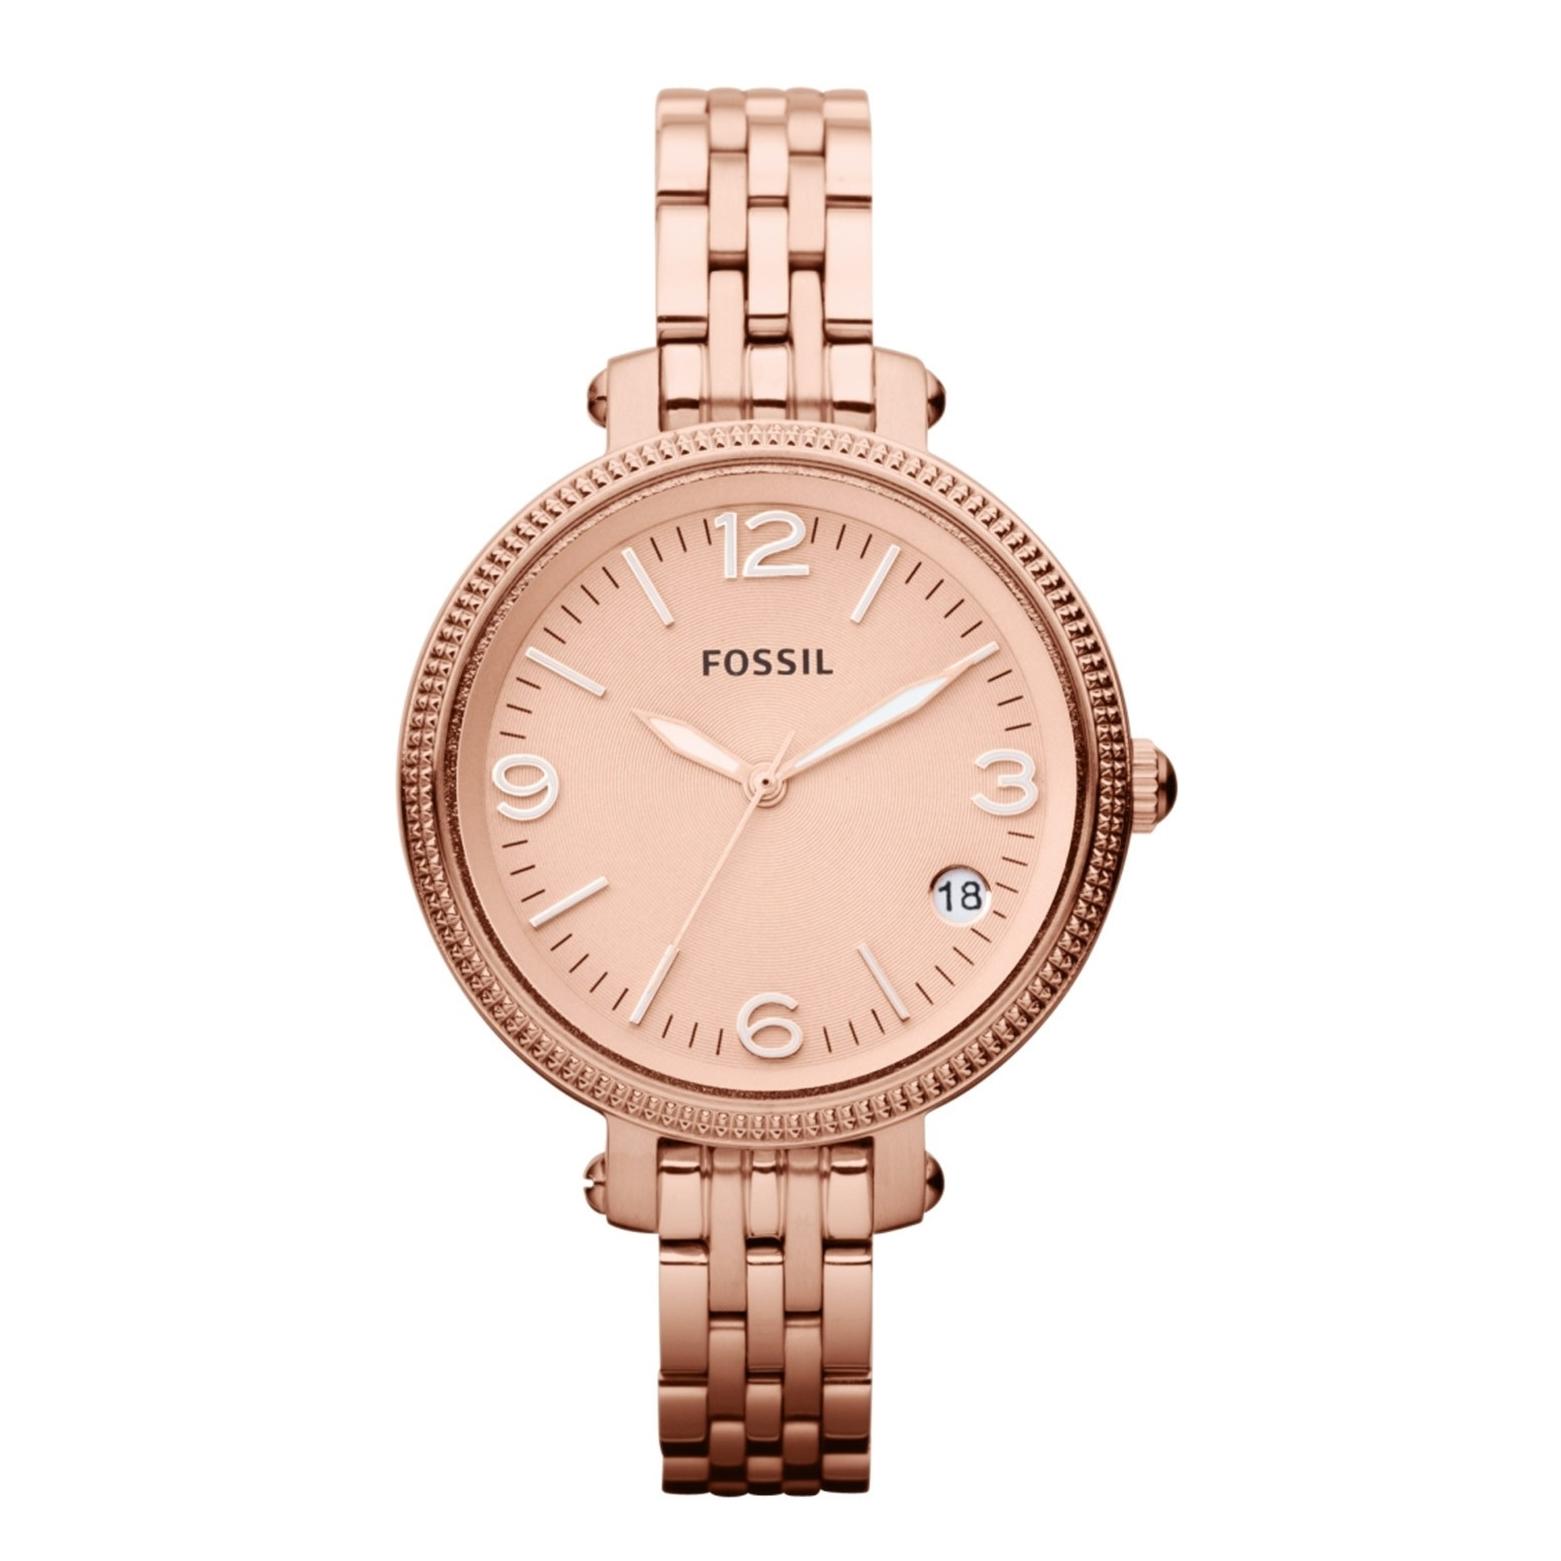 นาฬิกา Fossil รุ่น ES3182 นาฬิกาข้อมือผู้หญิง ของแท้ รับประกันศูนย์ 2 ปี ส่งพร้อมกล่อง และใบรับประกันศูนย์